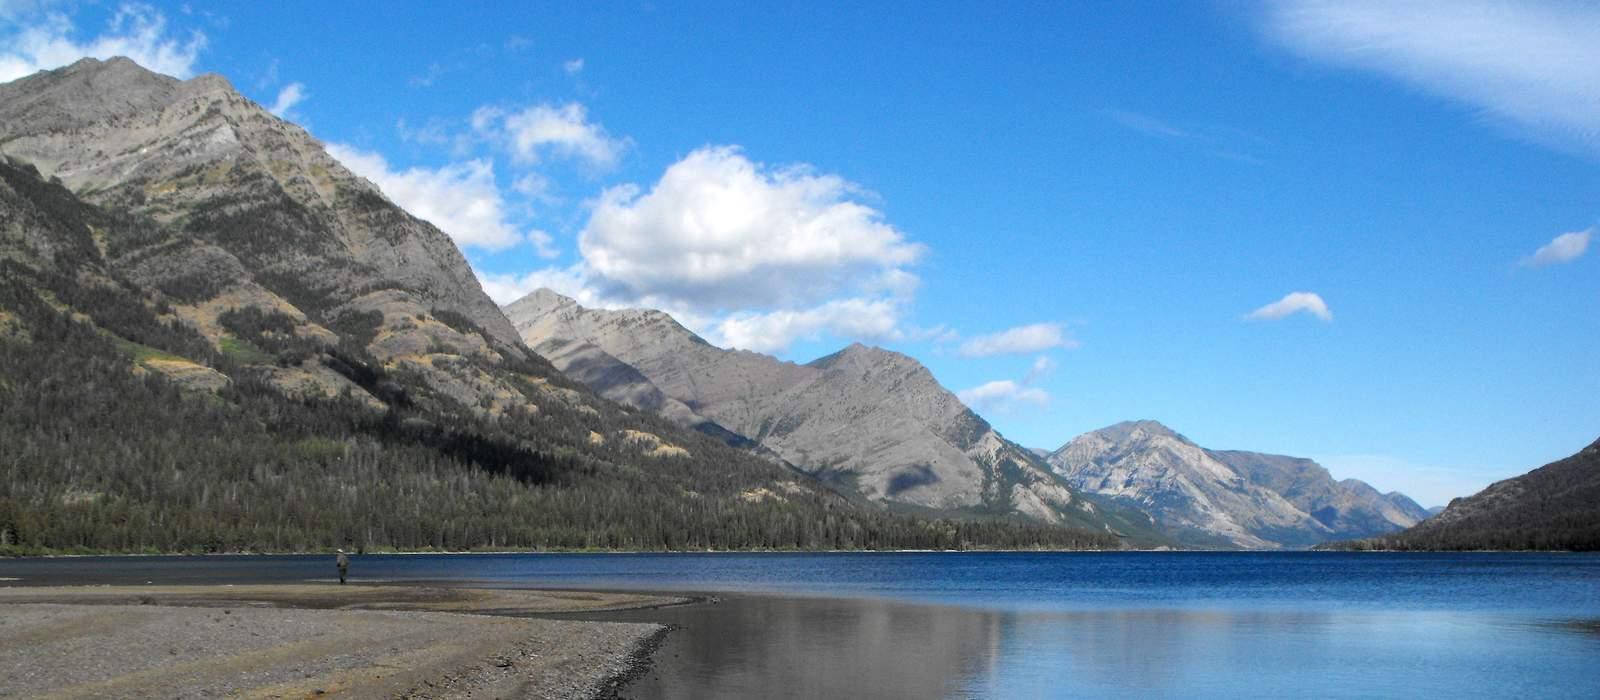 Impressionen Waterton Lake Scenic Cruise